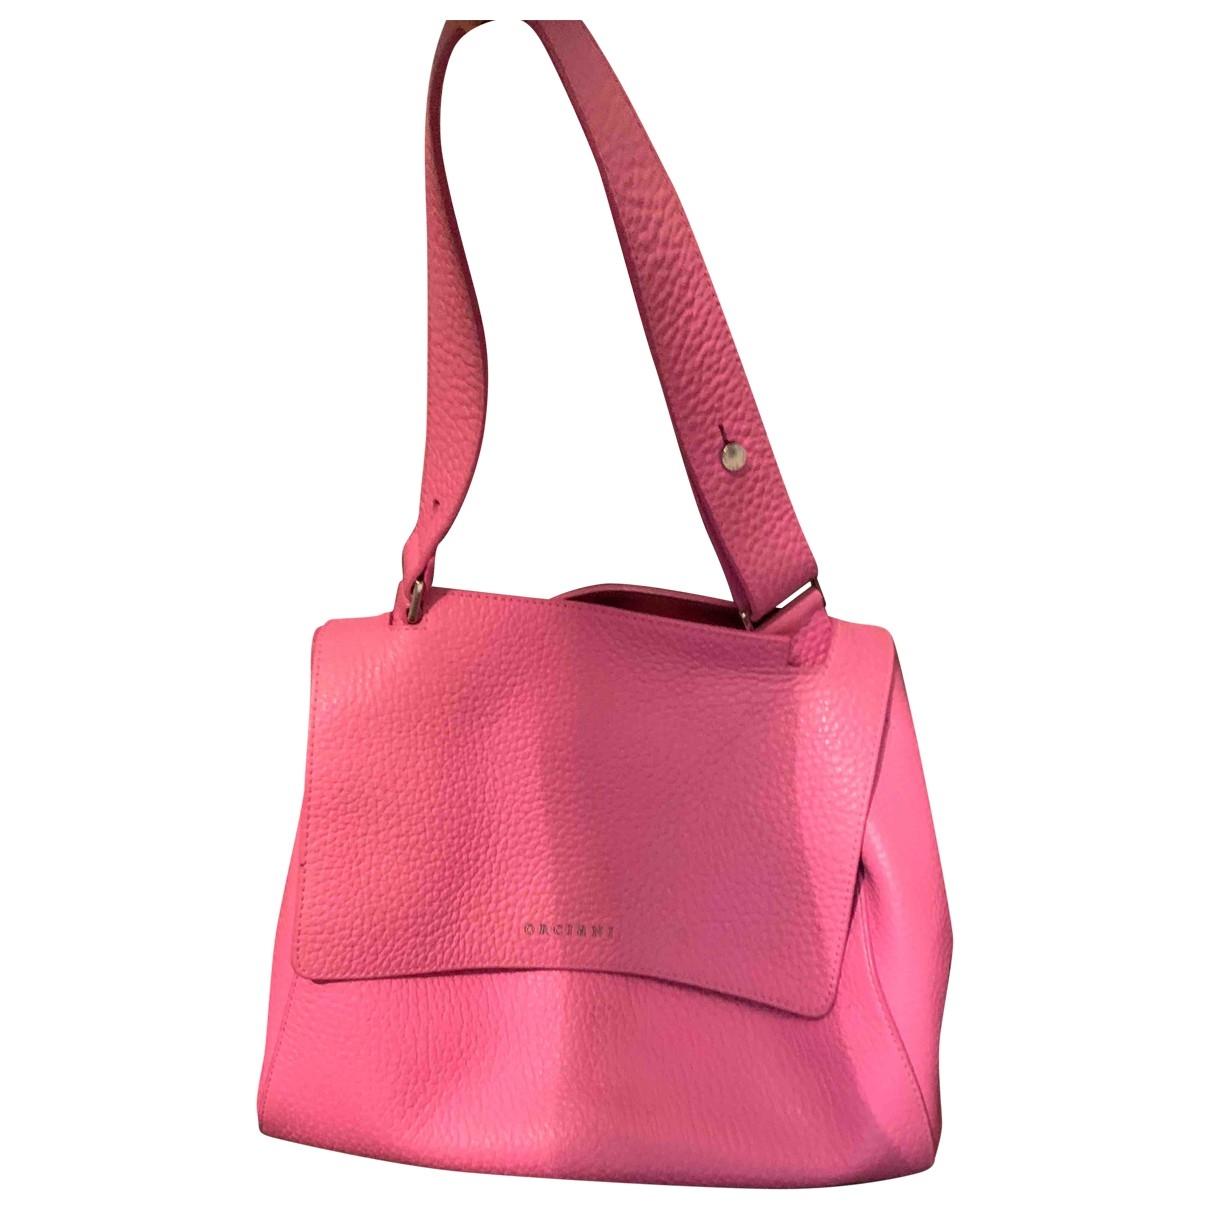 Orciani \N Handtasche in  Rosa Leder